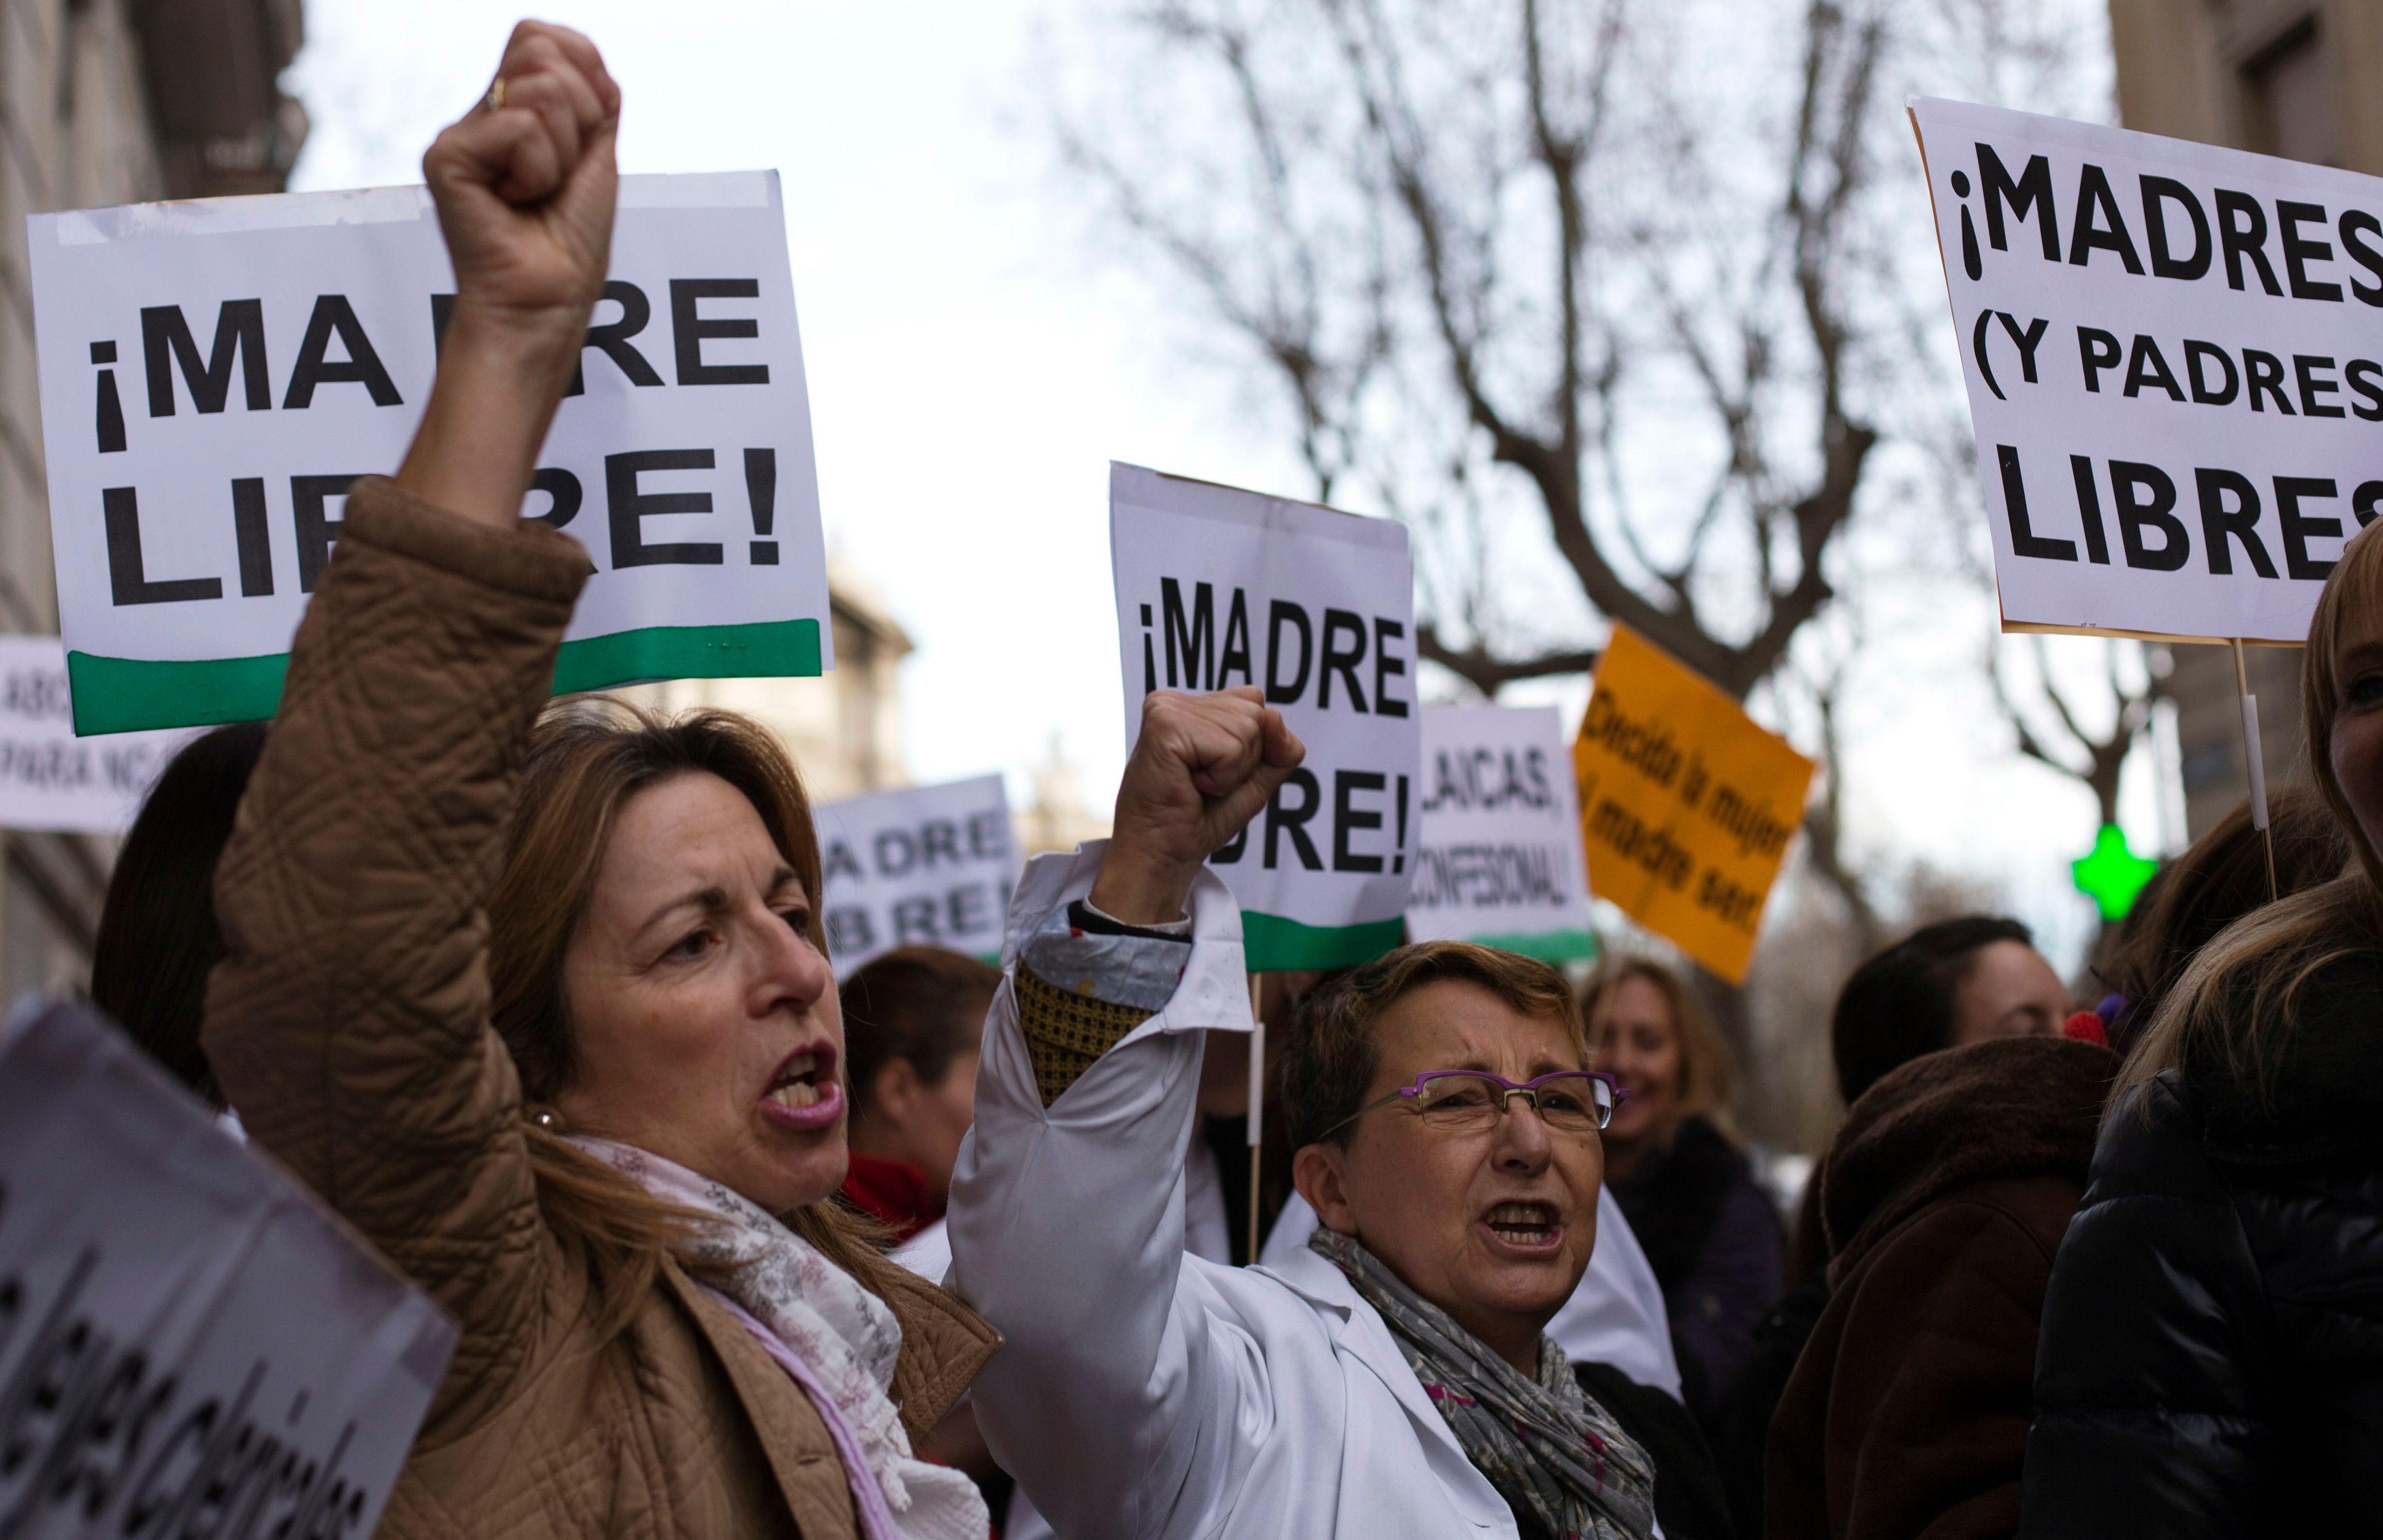 Des femmes manifestent pour le droit à l'avortement devant l'ambassade d'Espagne à Paris.